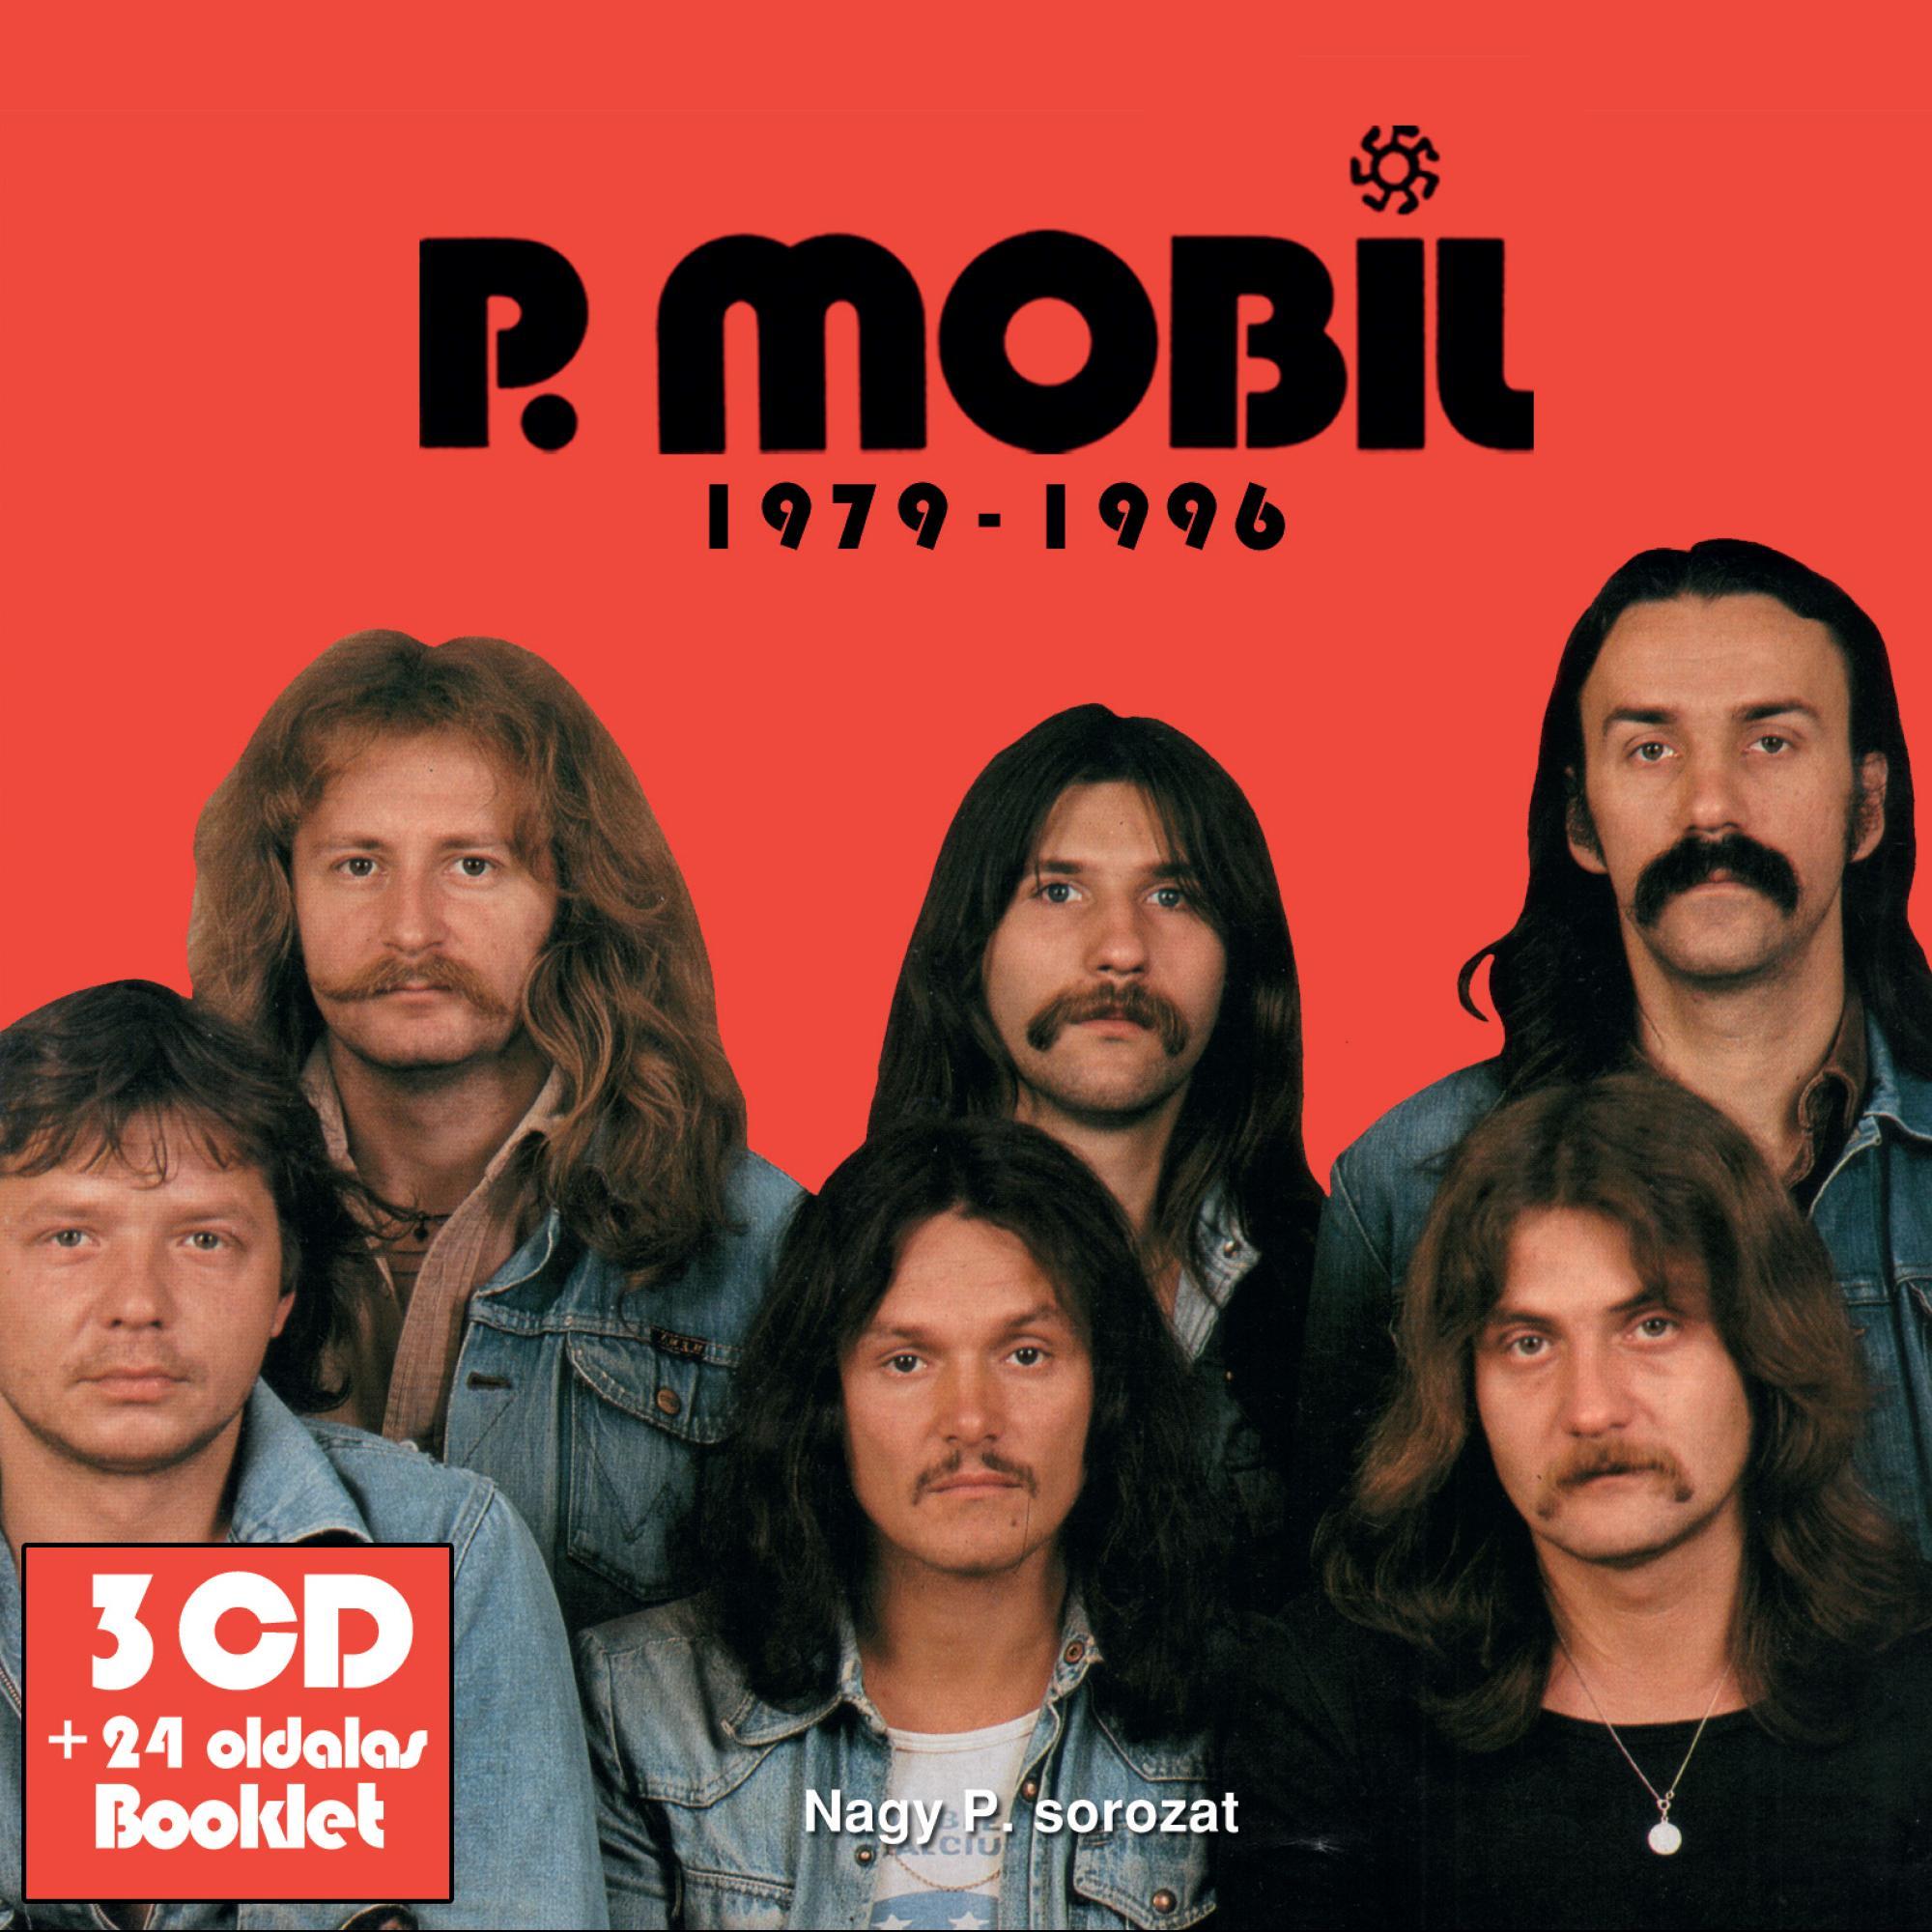 P.MOBIL 1979-1996 - 3CD -